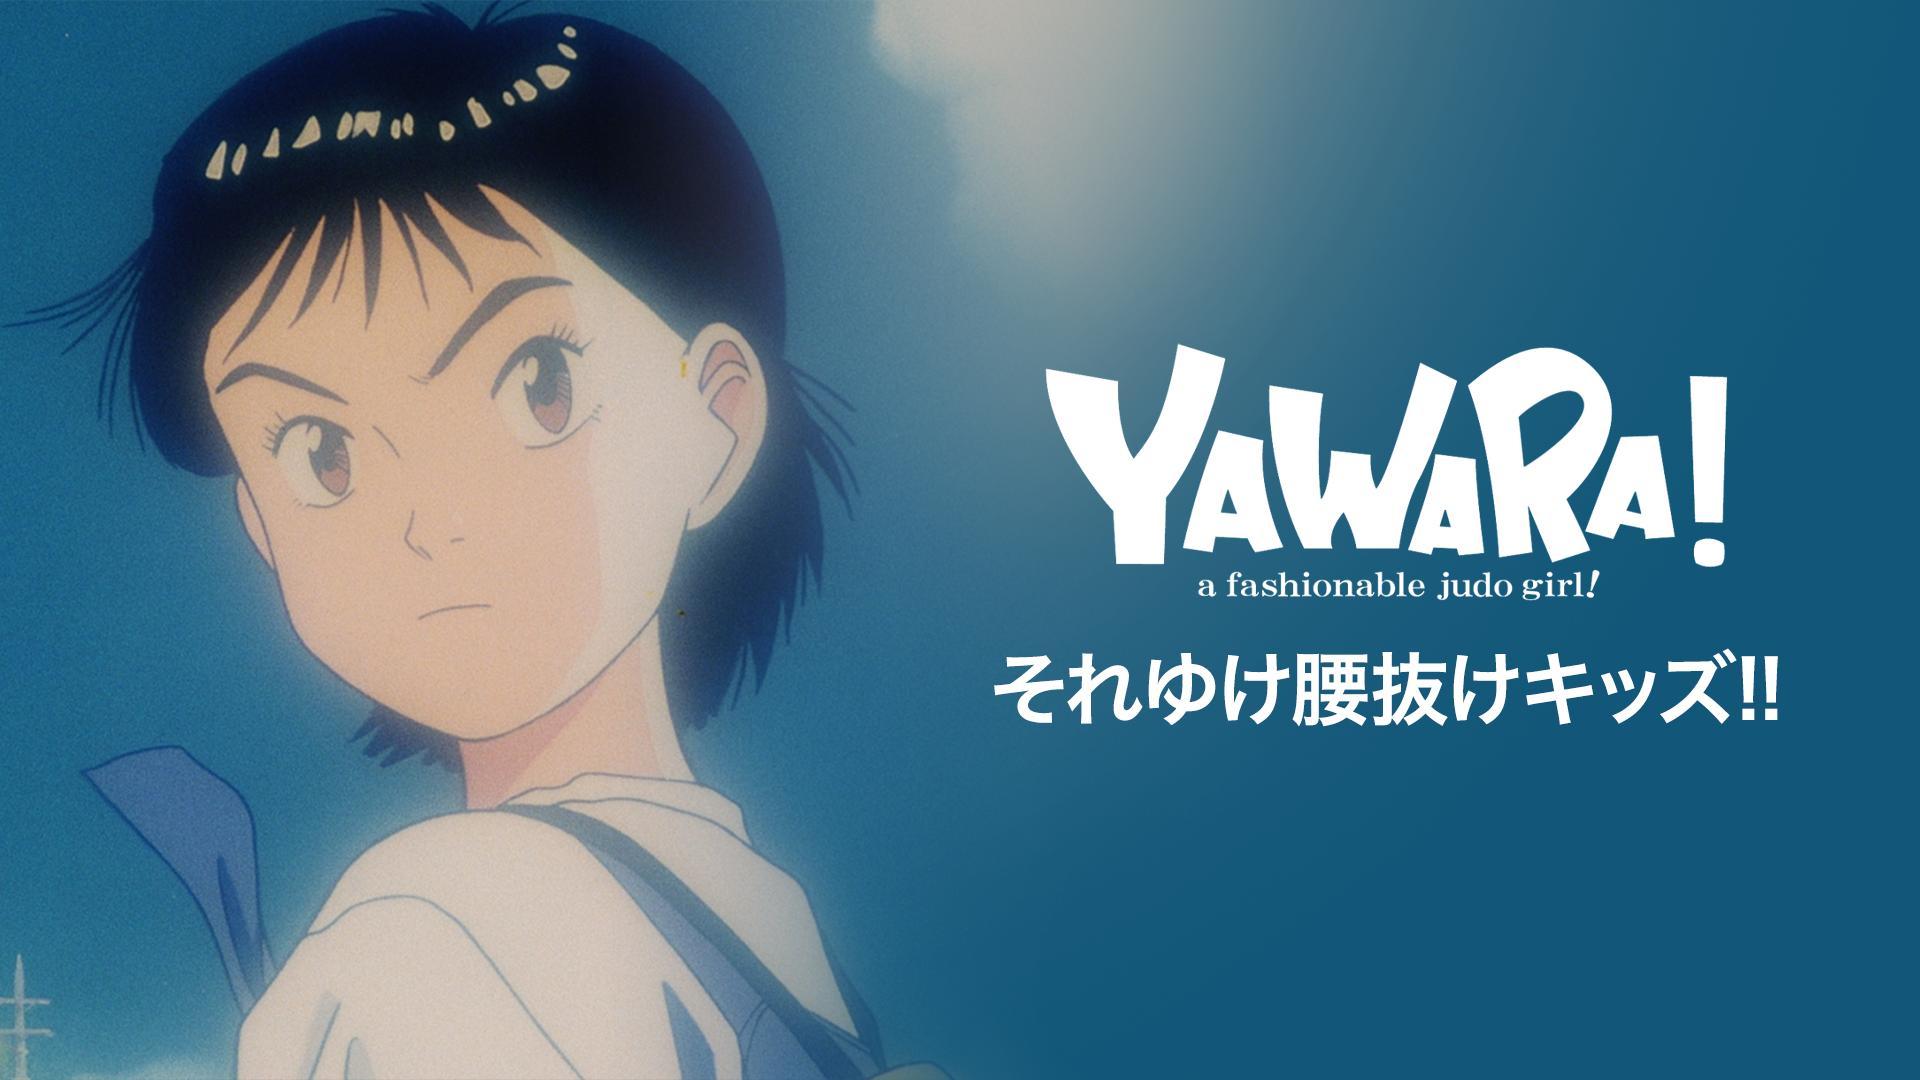 劇場版YAWARA! それゆけ腰抜けキッズ!!